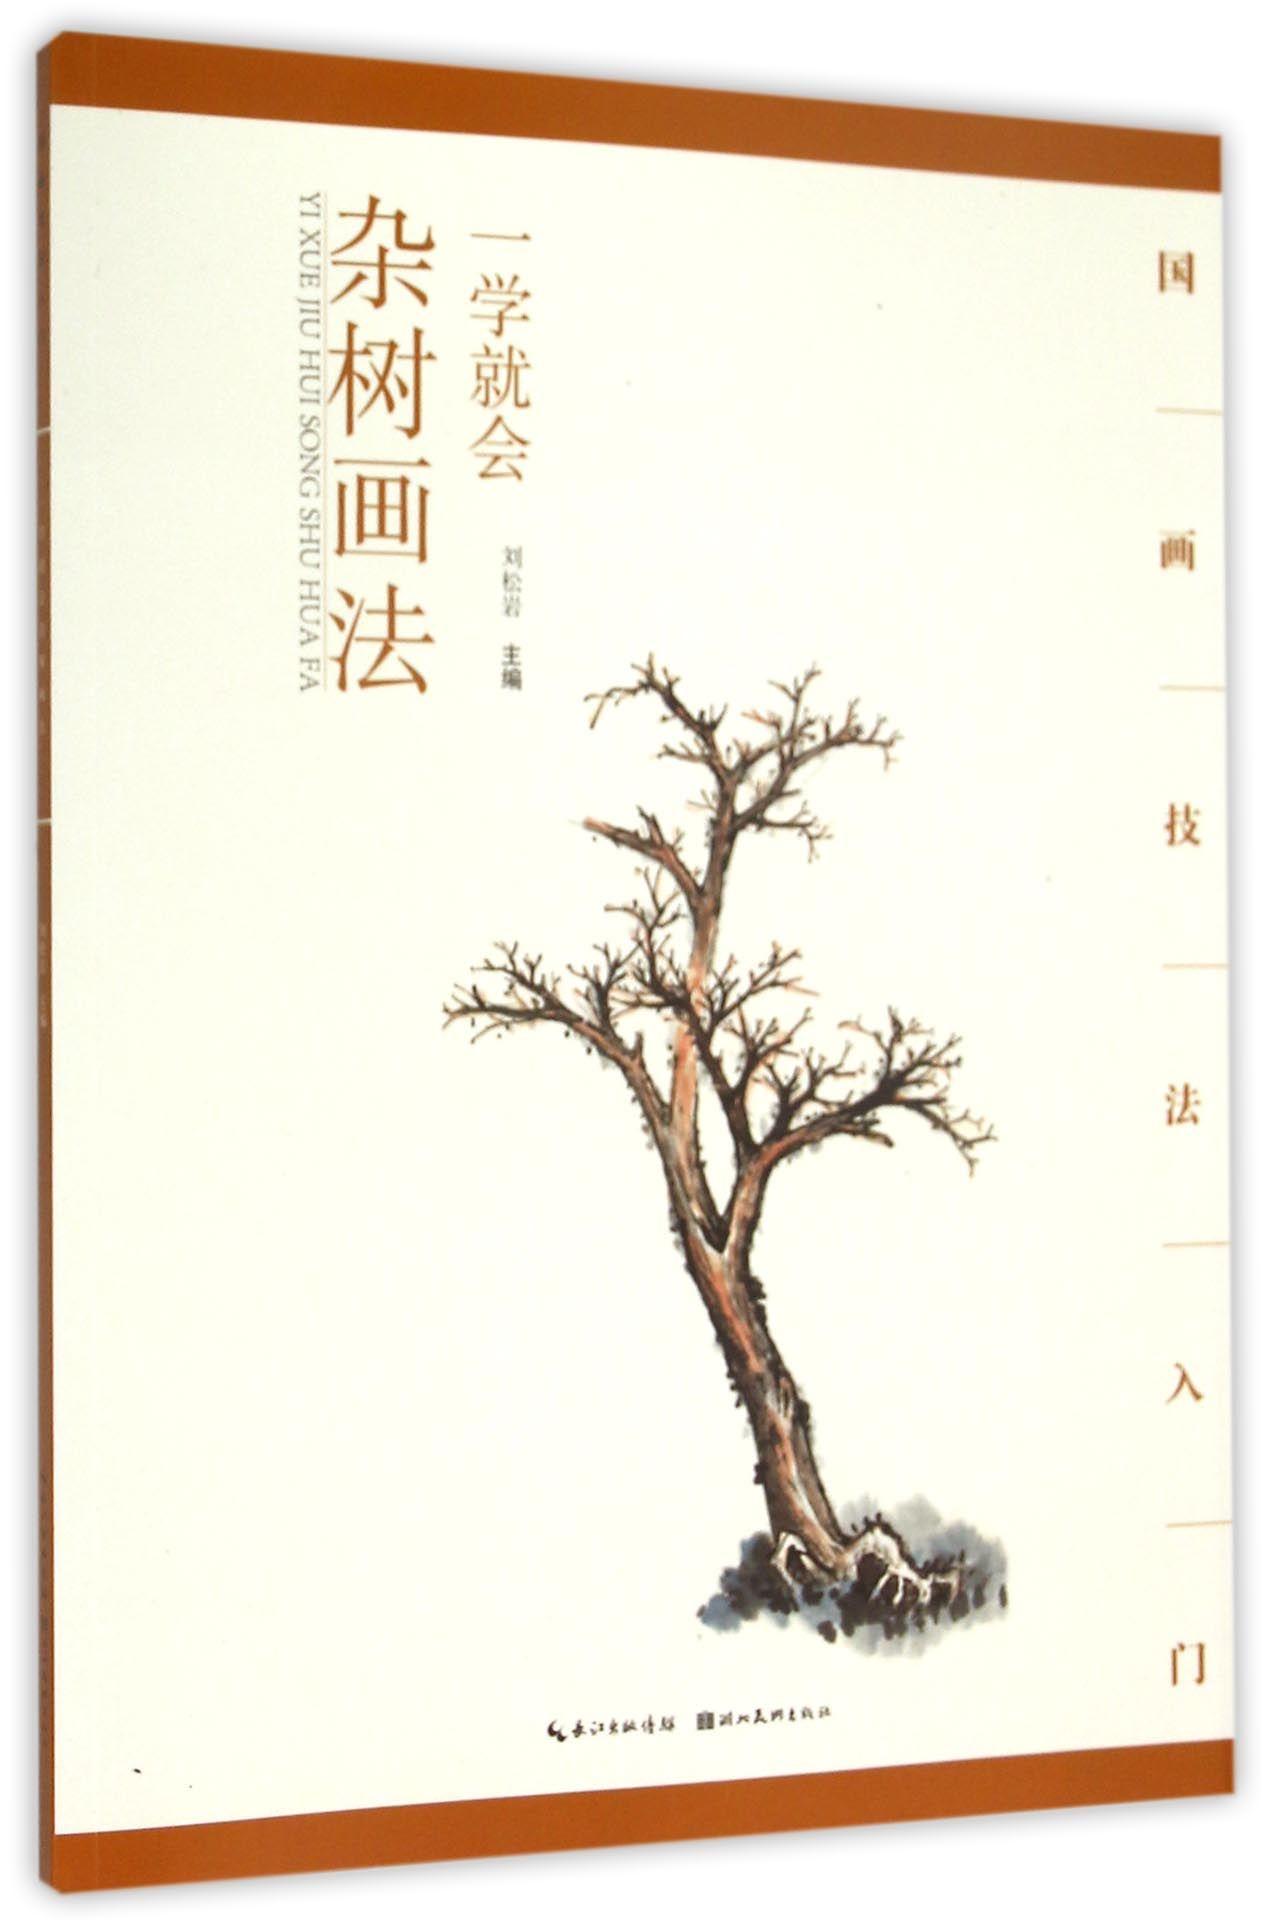 山水的步骤 工具 枯树画法